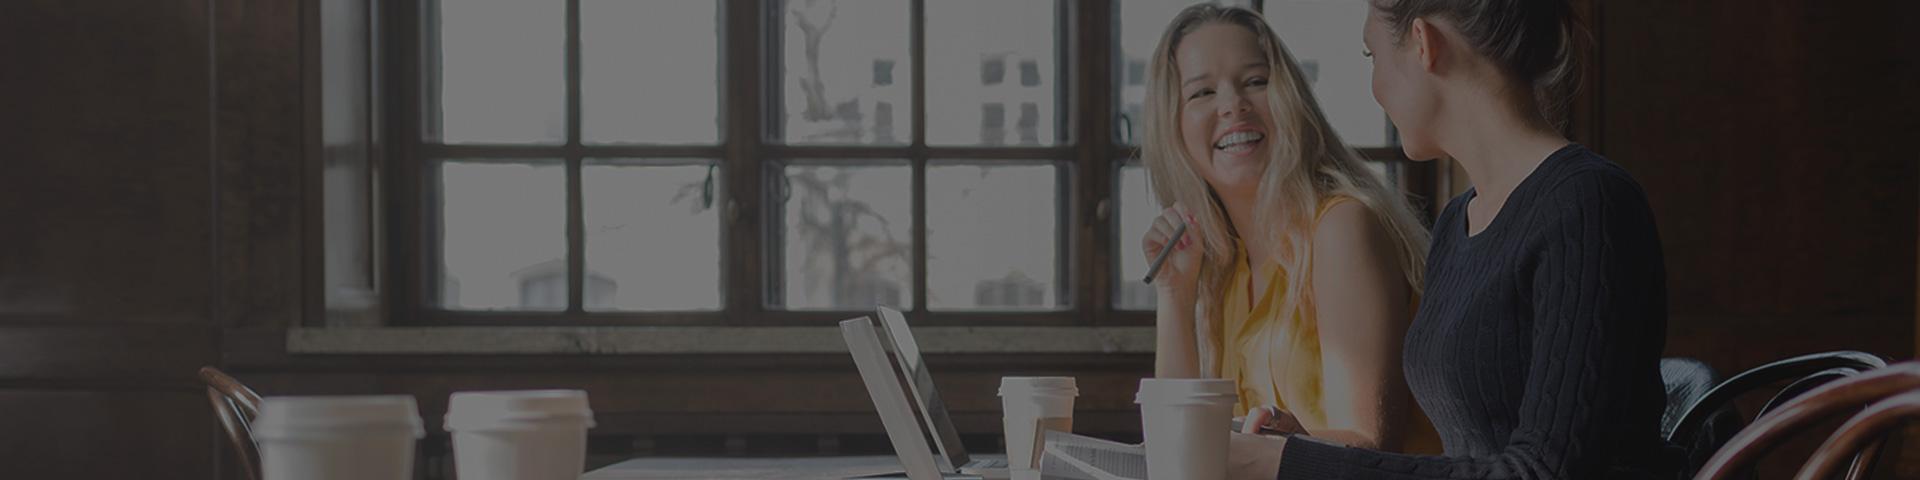 了解哪款 Office 产品最适合您。